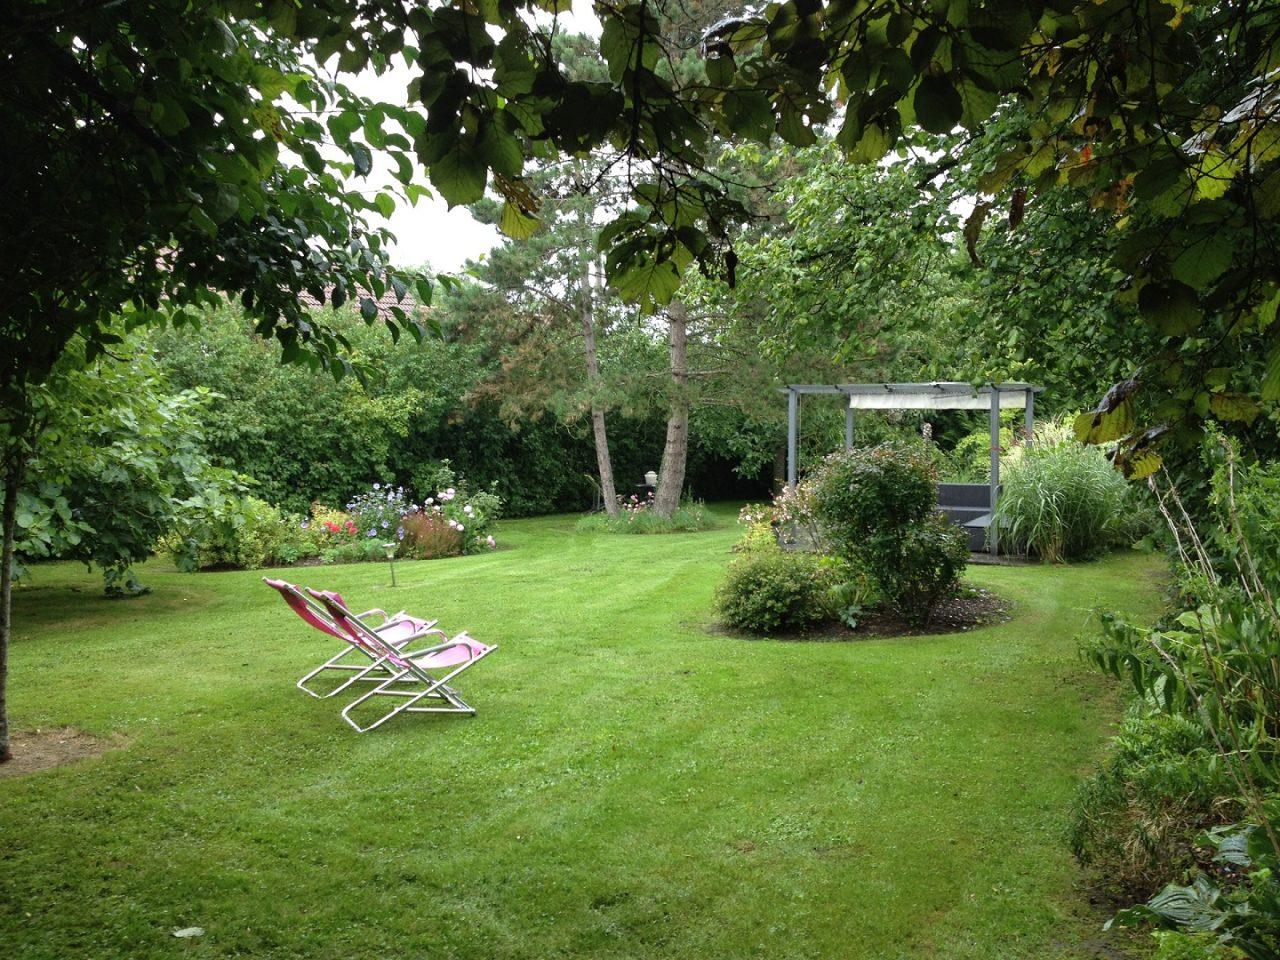 Nos astuces pour le nettoyage de votre jardin les for Nettoyage jardin printemps